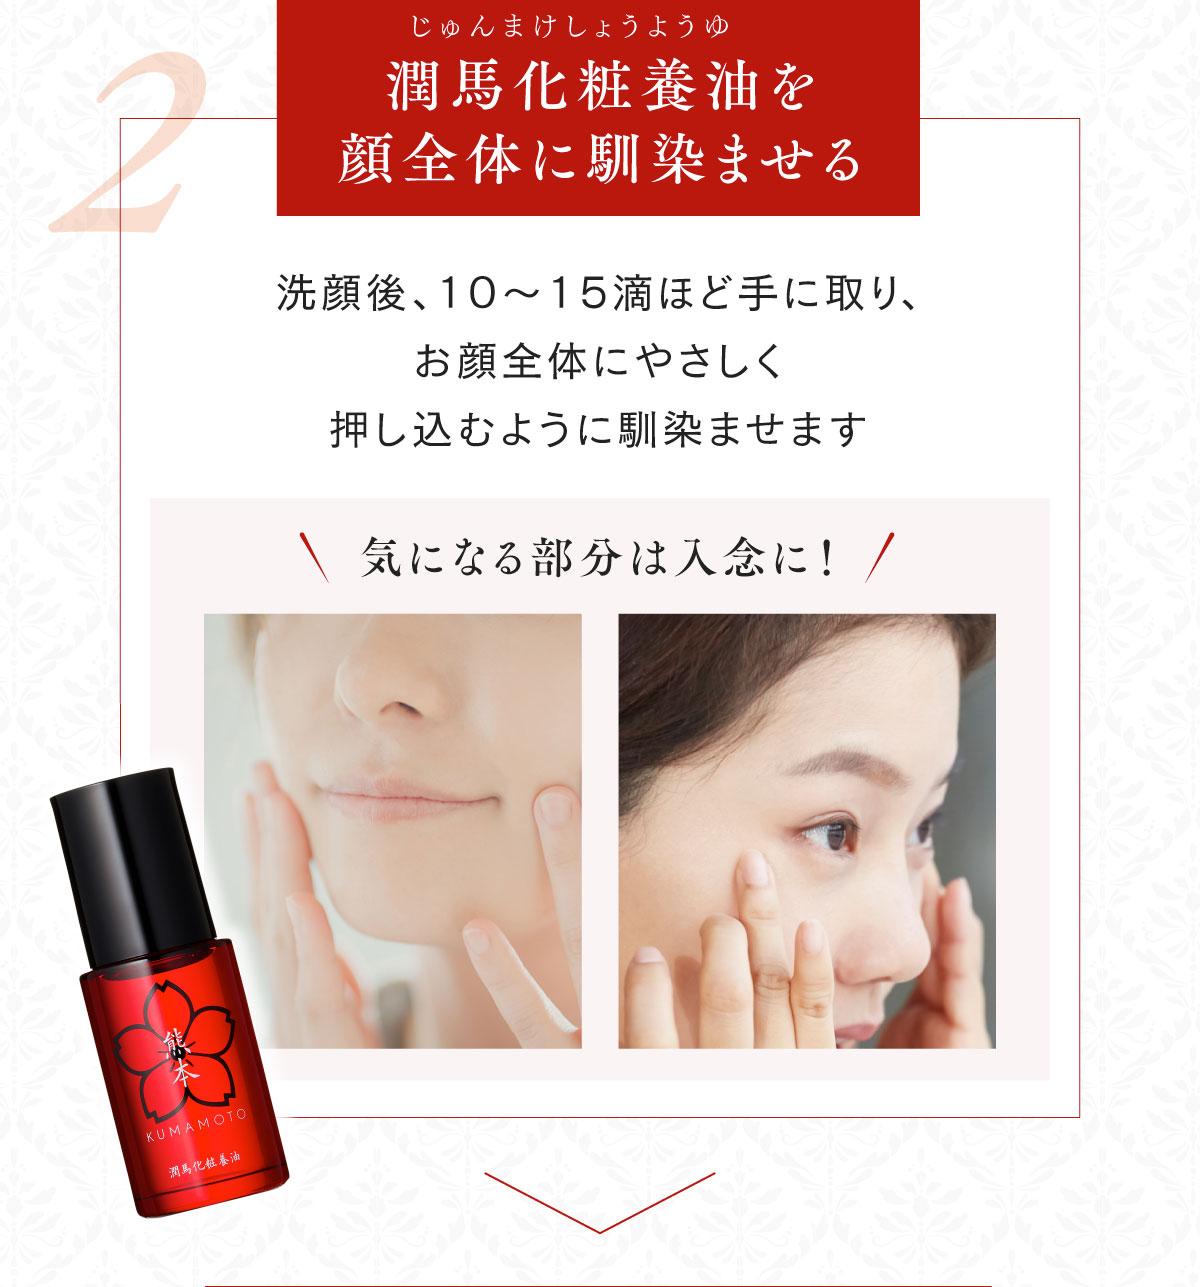 2潤馬化粧養油を顔全体に馴染ませる